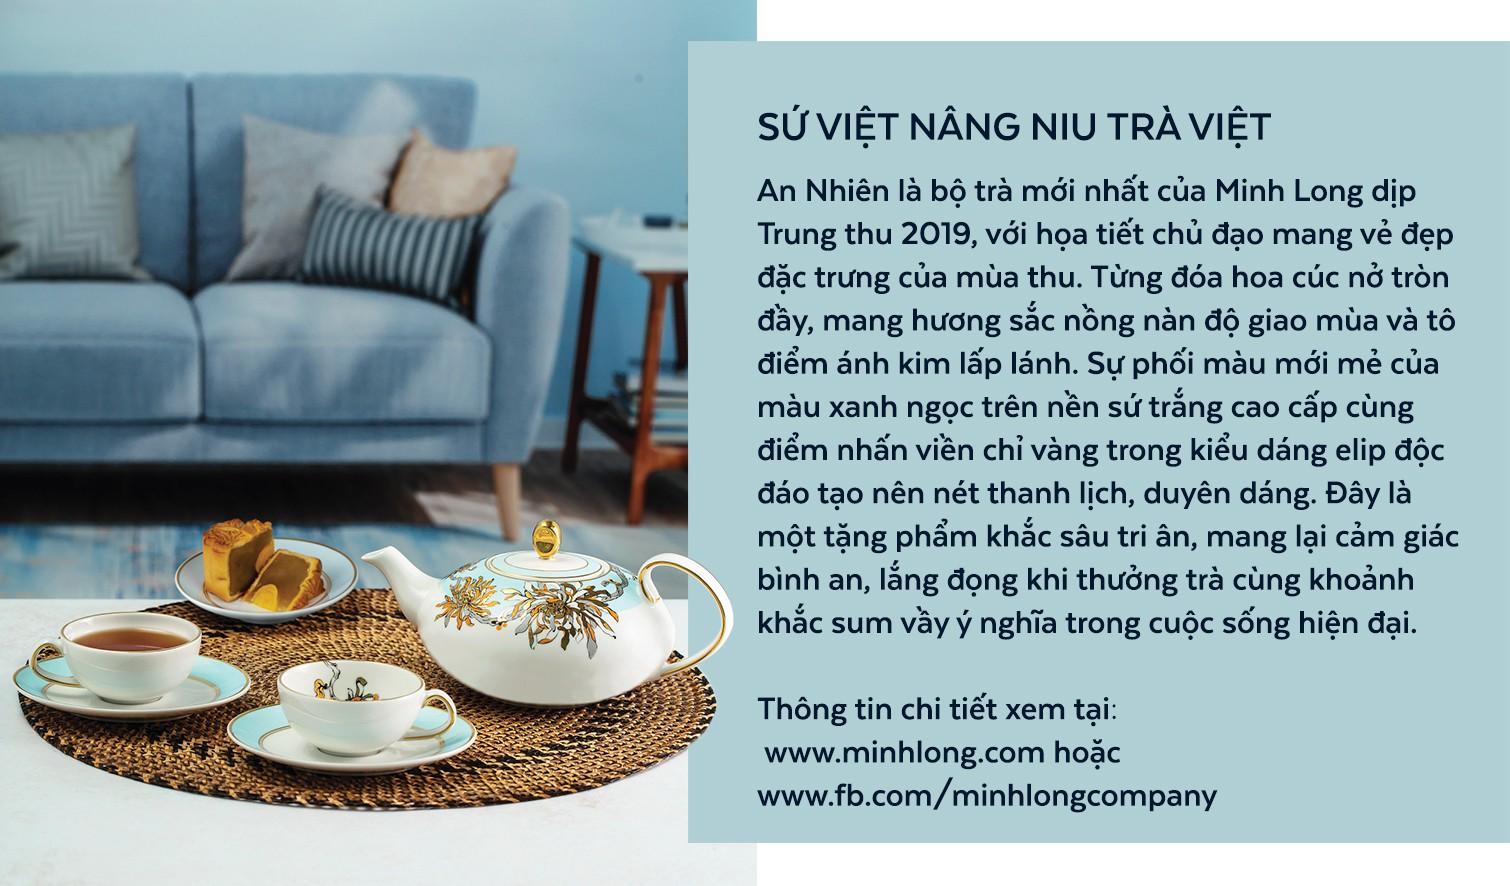 Khám phá những sản phẩm gốm sứ Việt sáng tạo, khác biệt - Ảnh 3.